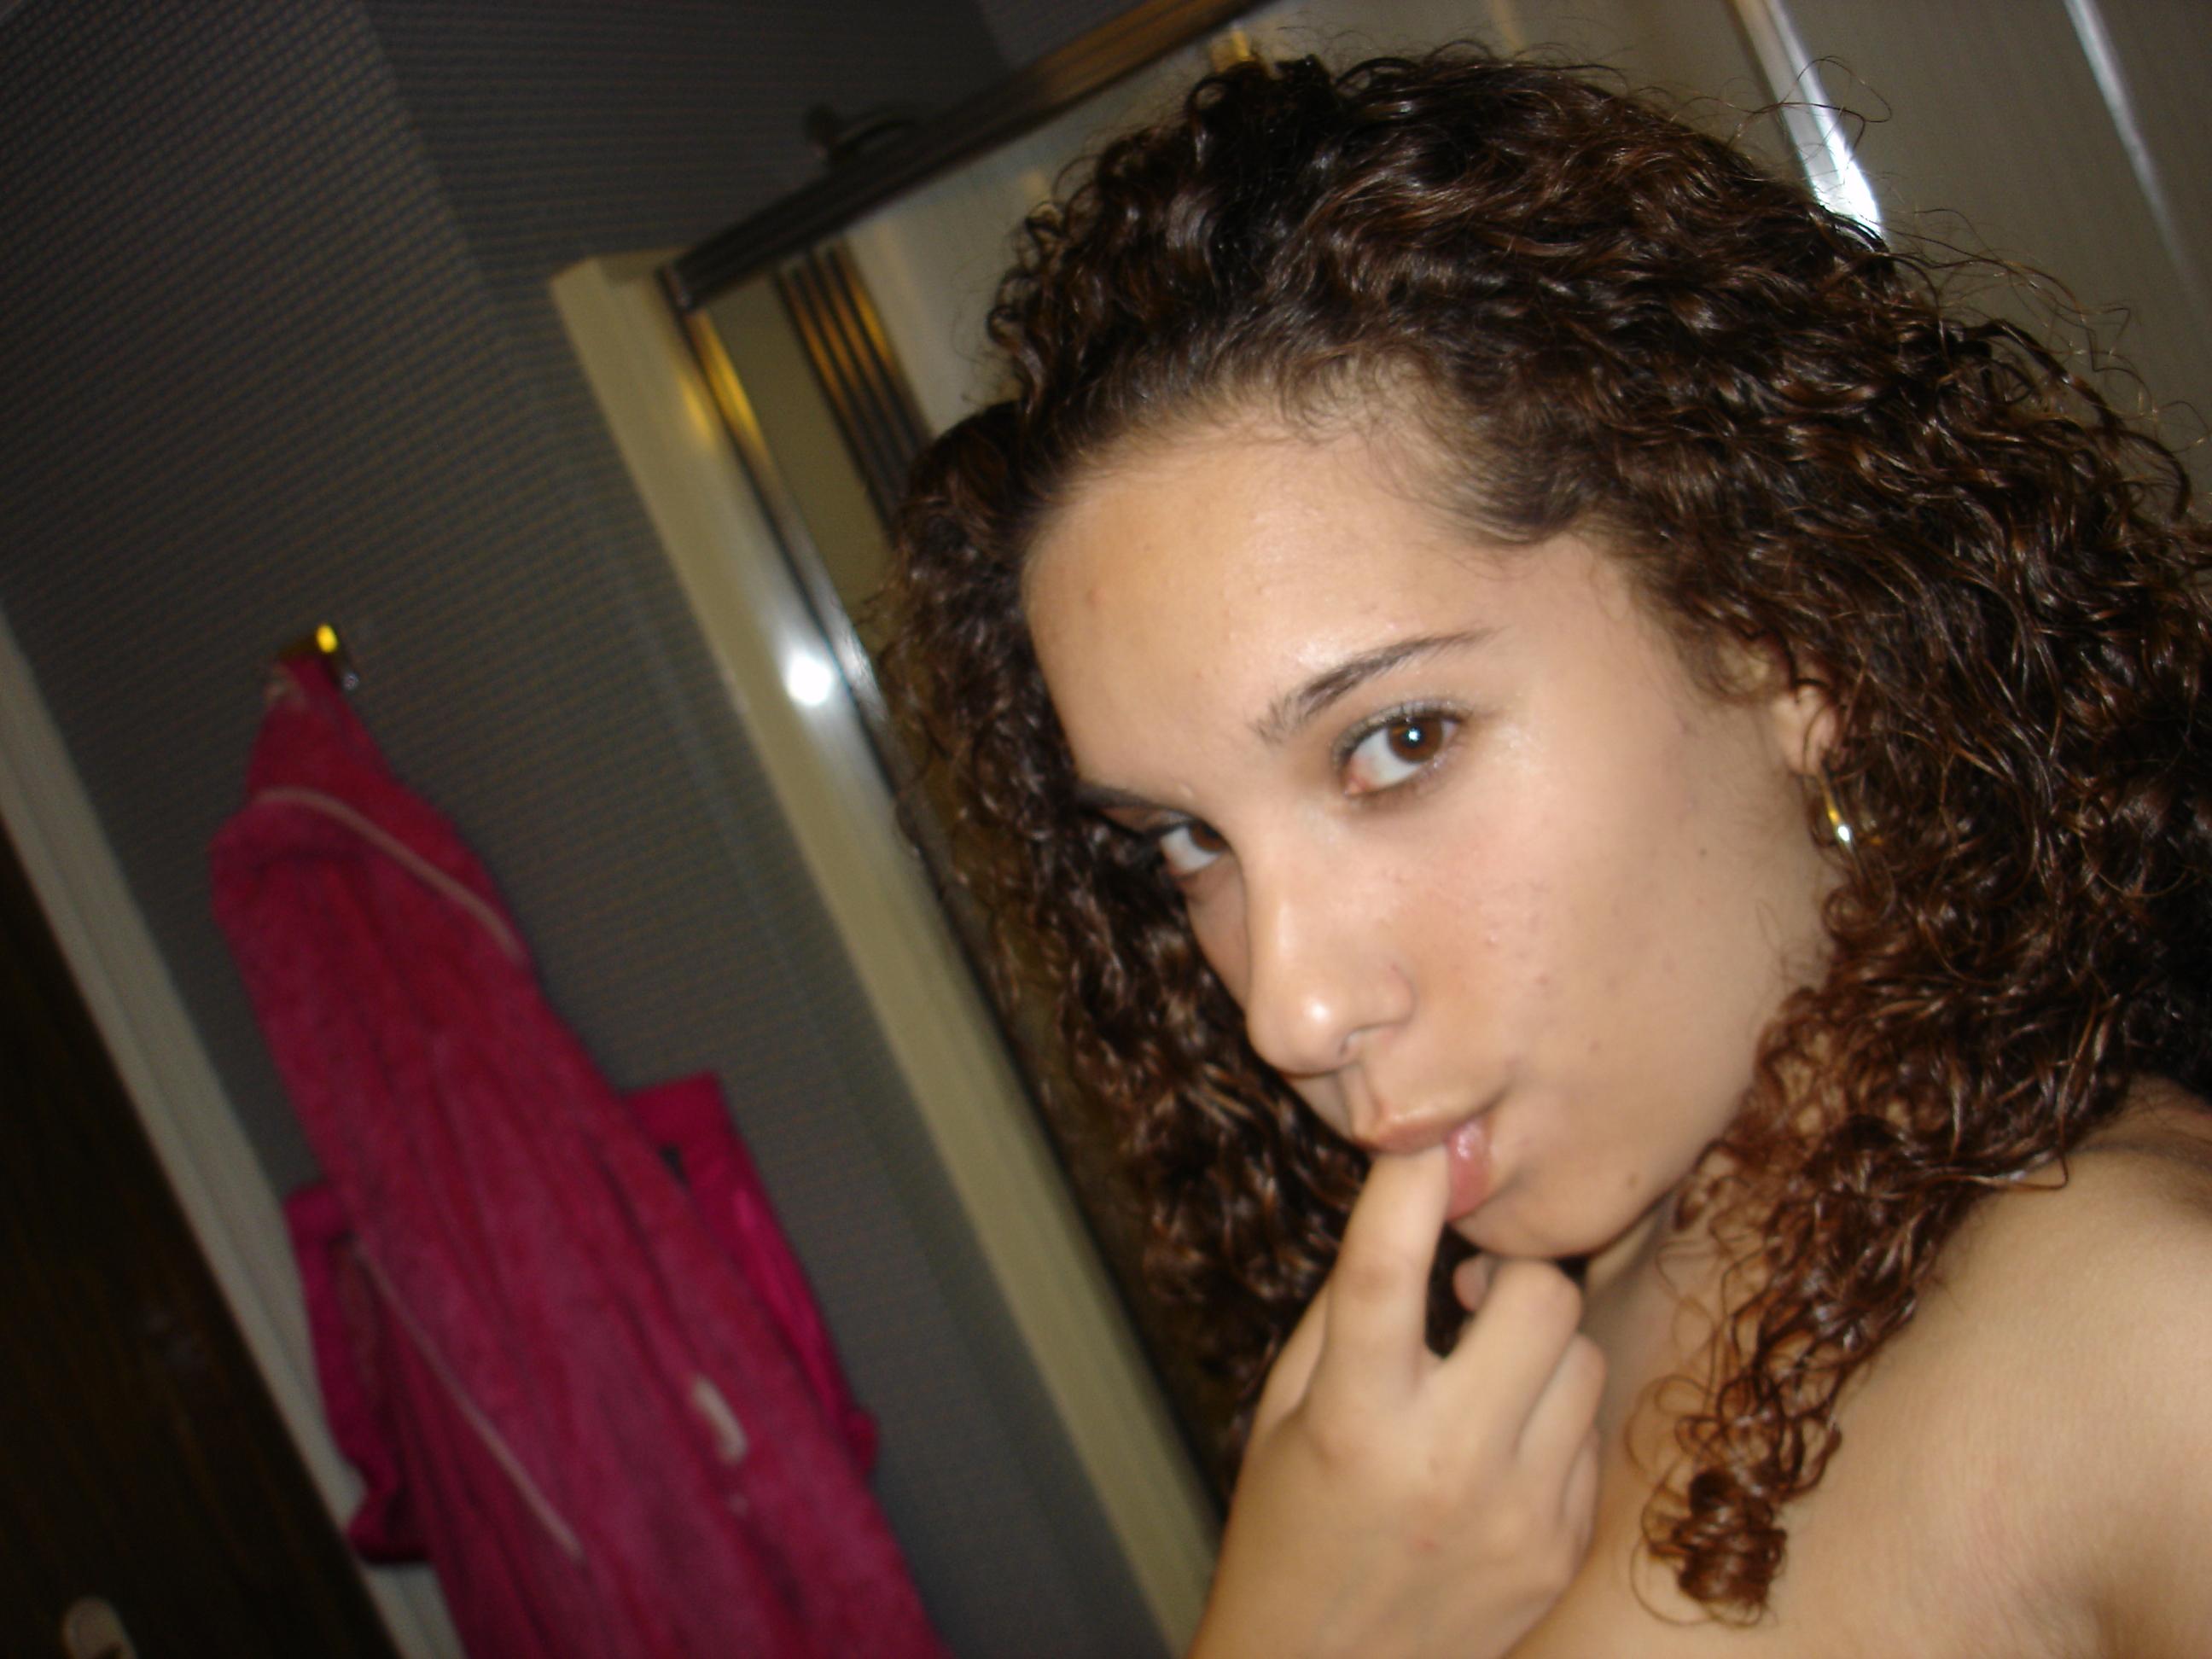 Fotos de la conchita de mi hermanita[19 años] (0 puntos)